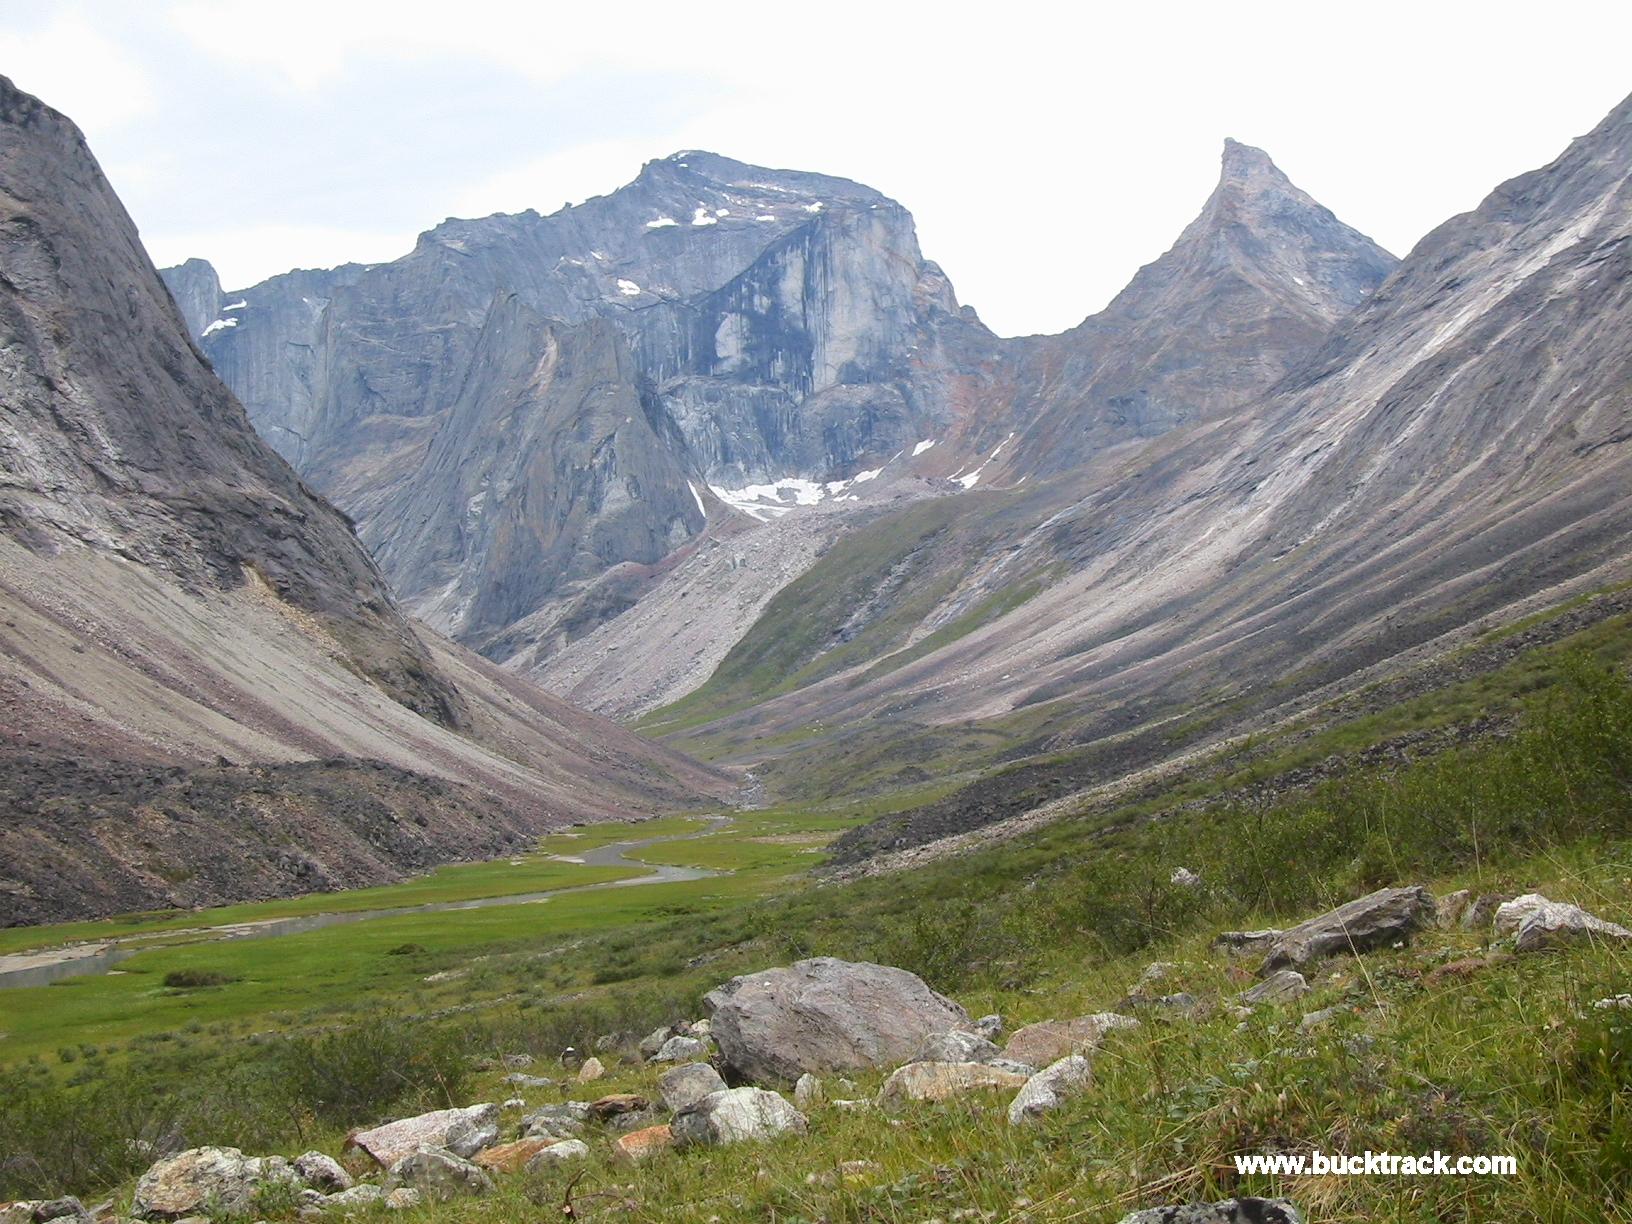 Alaska Desktop Backgrounds  Outdoor Adventures